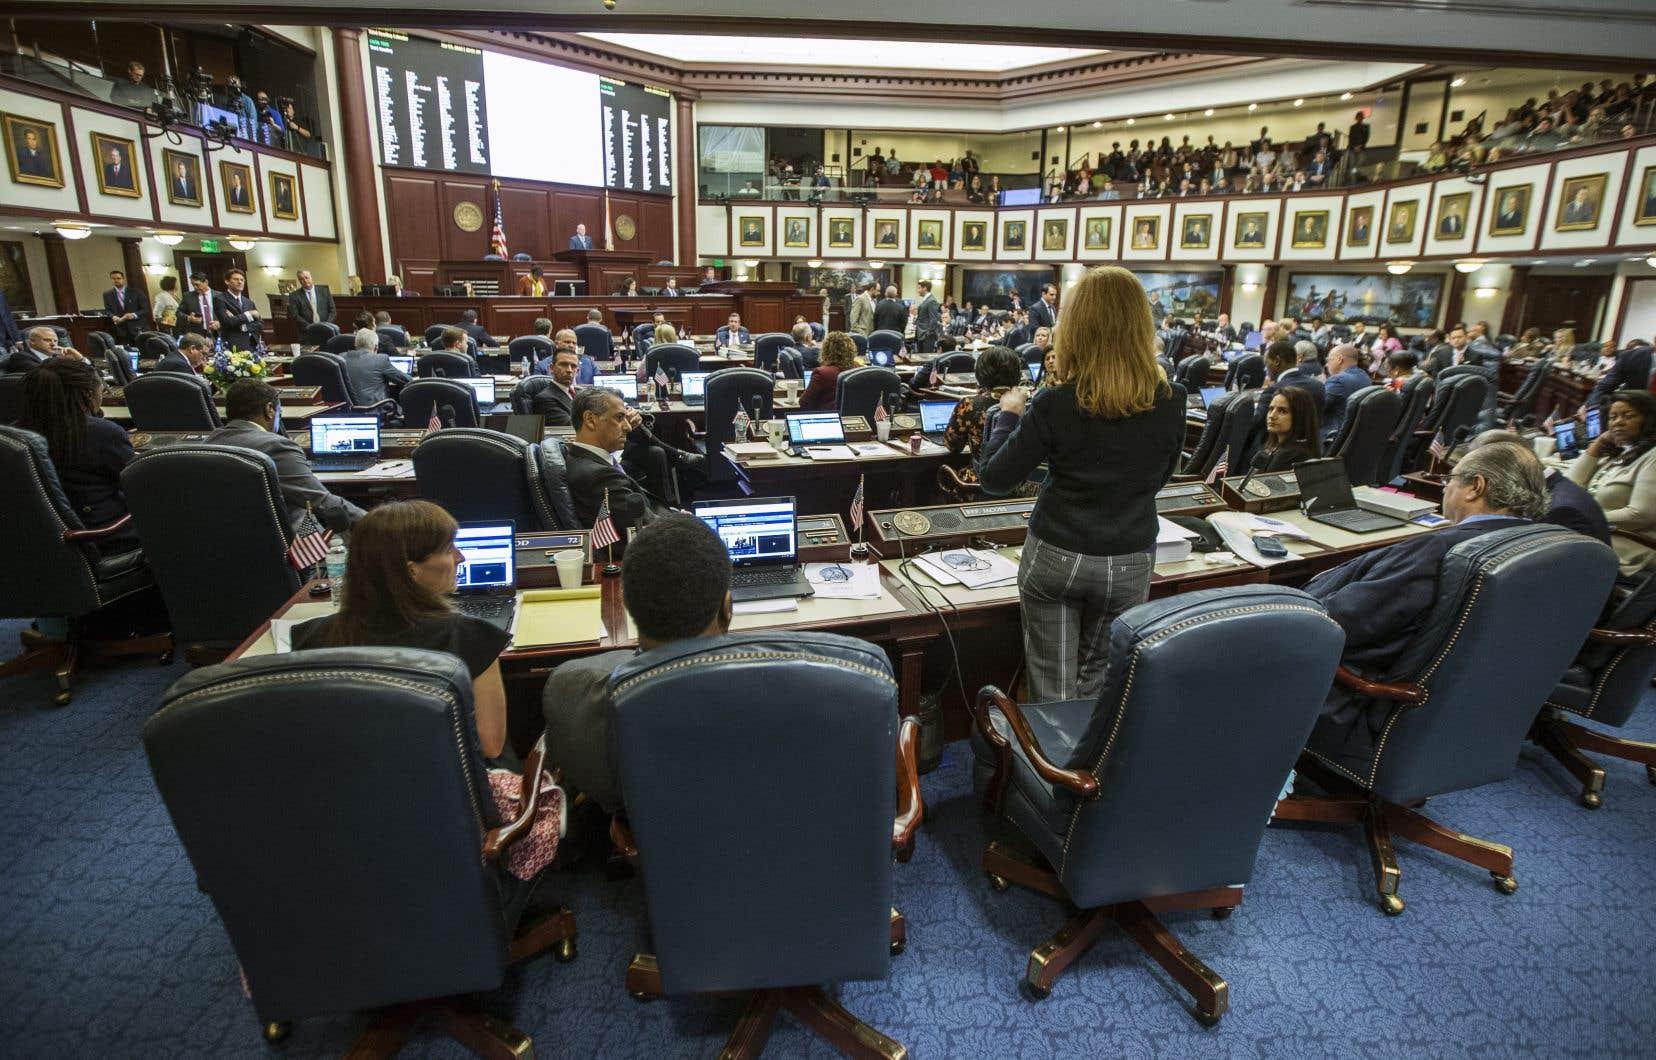 La représentante floridienne Kristin Diane Jacobs parle du projet de loi sur la sécurité des armes à feu à la Chambre de la Floride, à Tallahassee, mercredi.